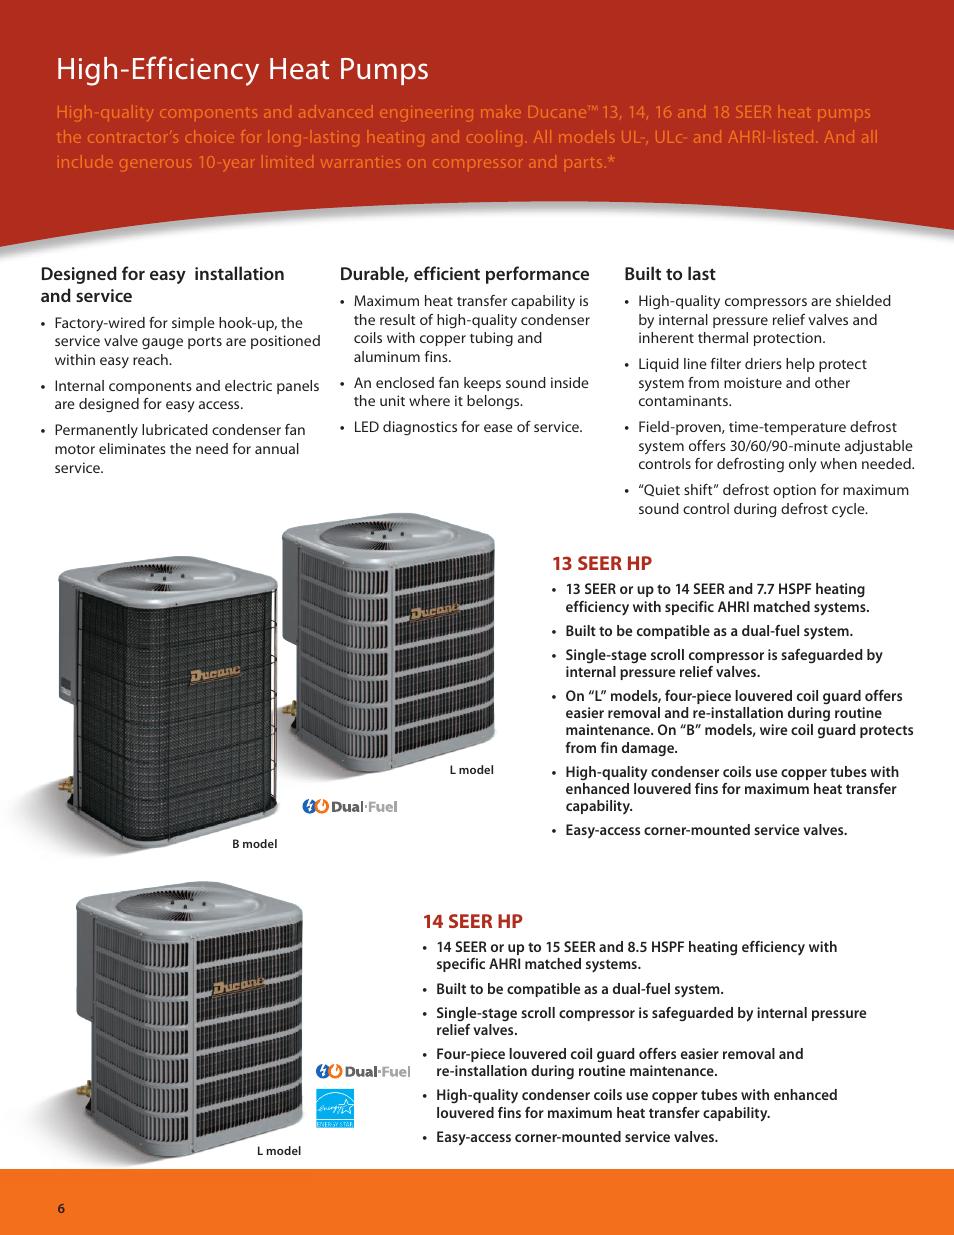 High-efficiency heat pumps, 13 seer hp, 14 seer hp | Ducane (HVAC